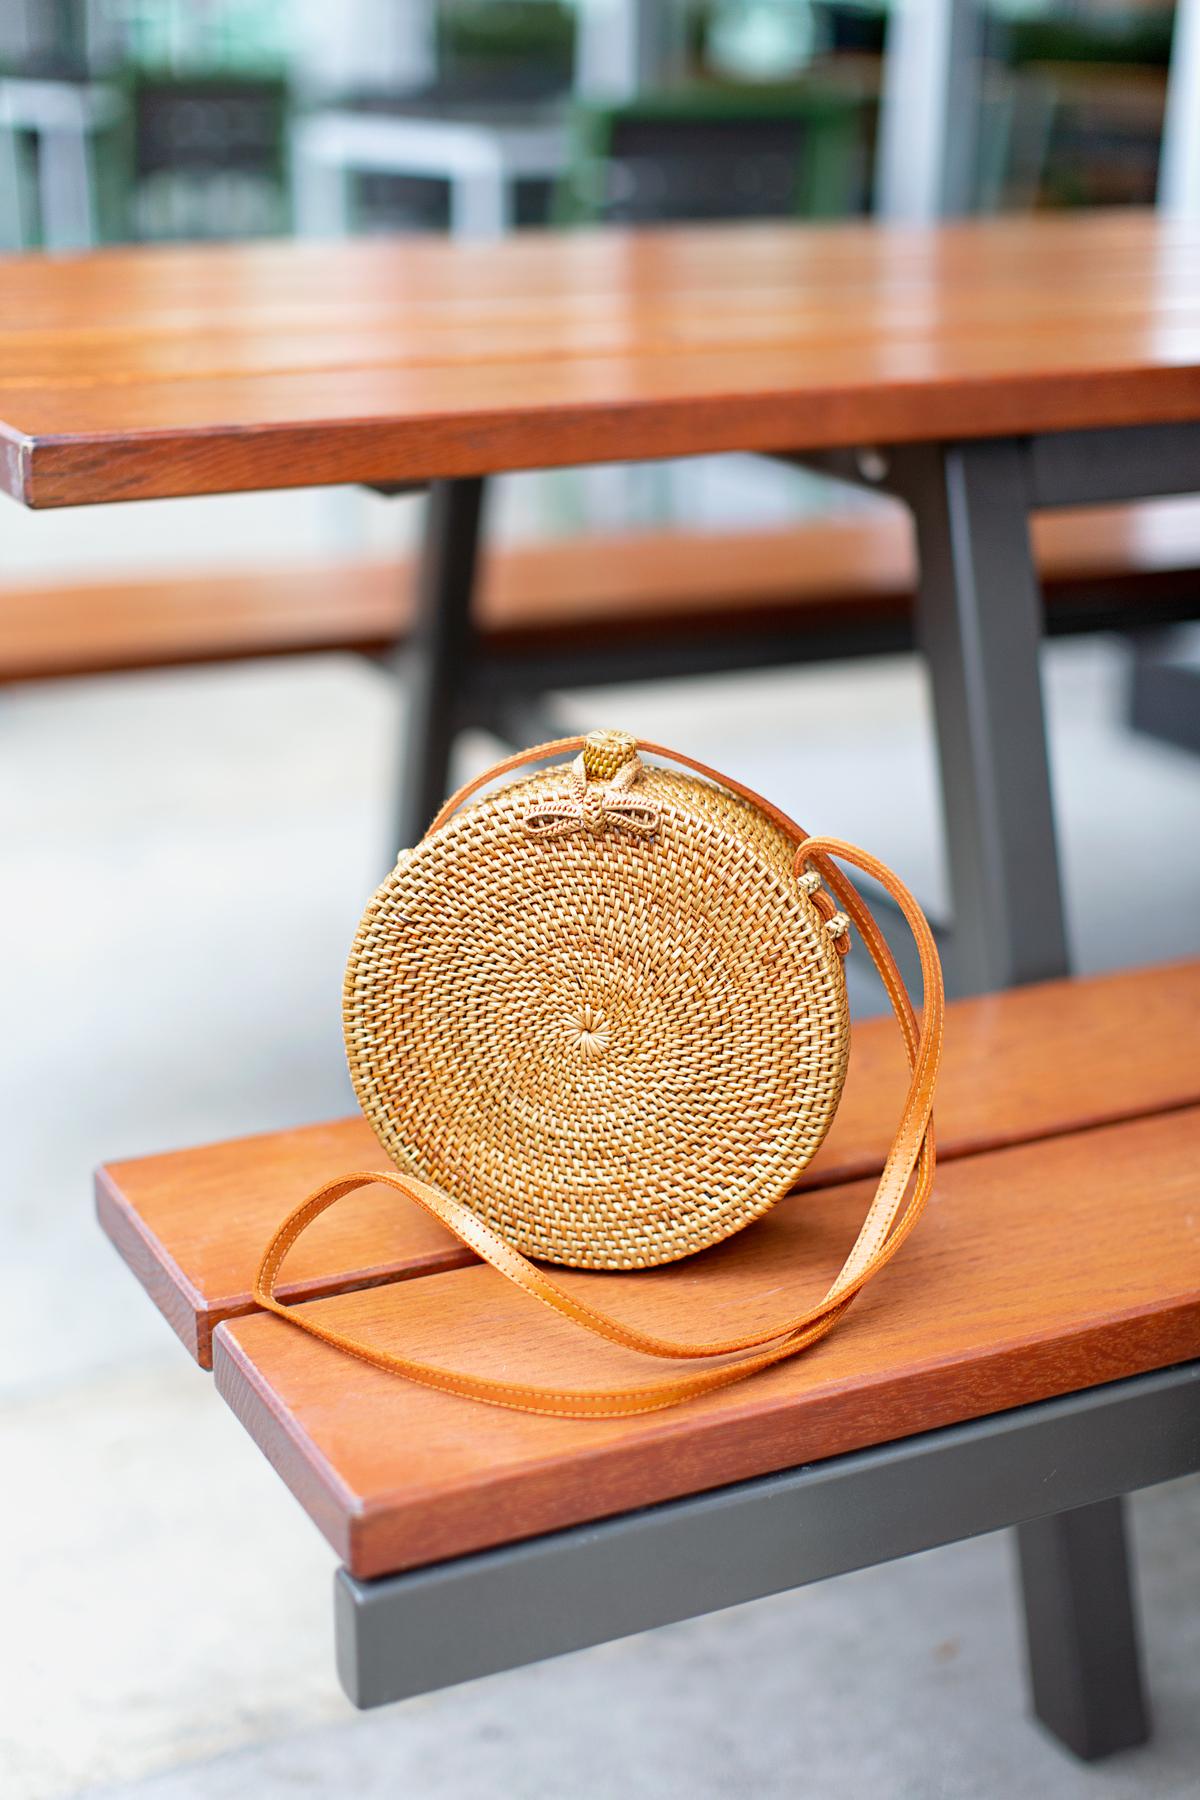 rattan circle handbag on a bench